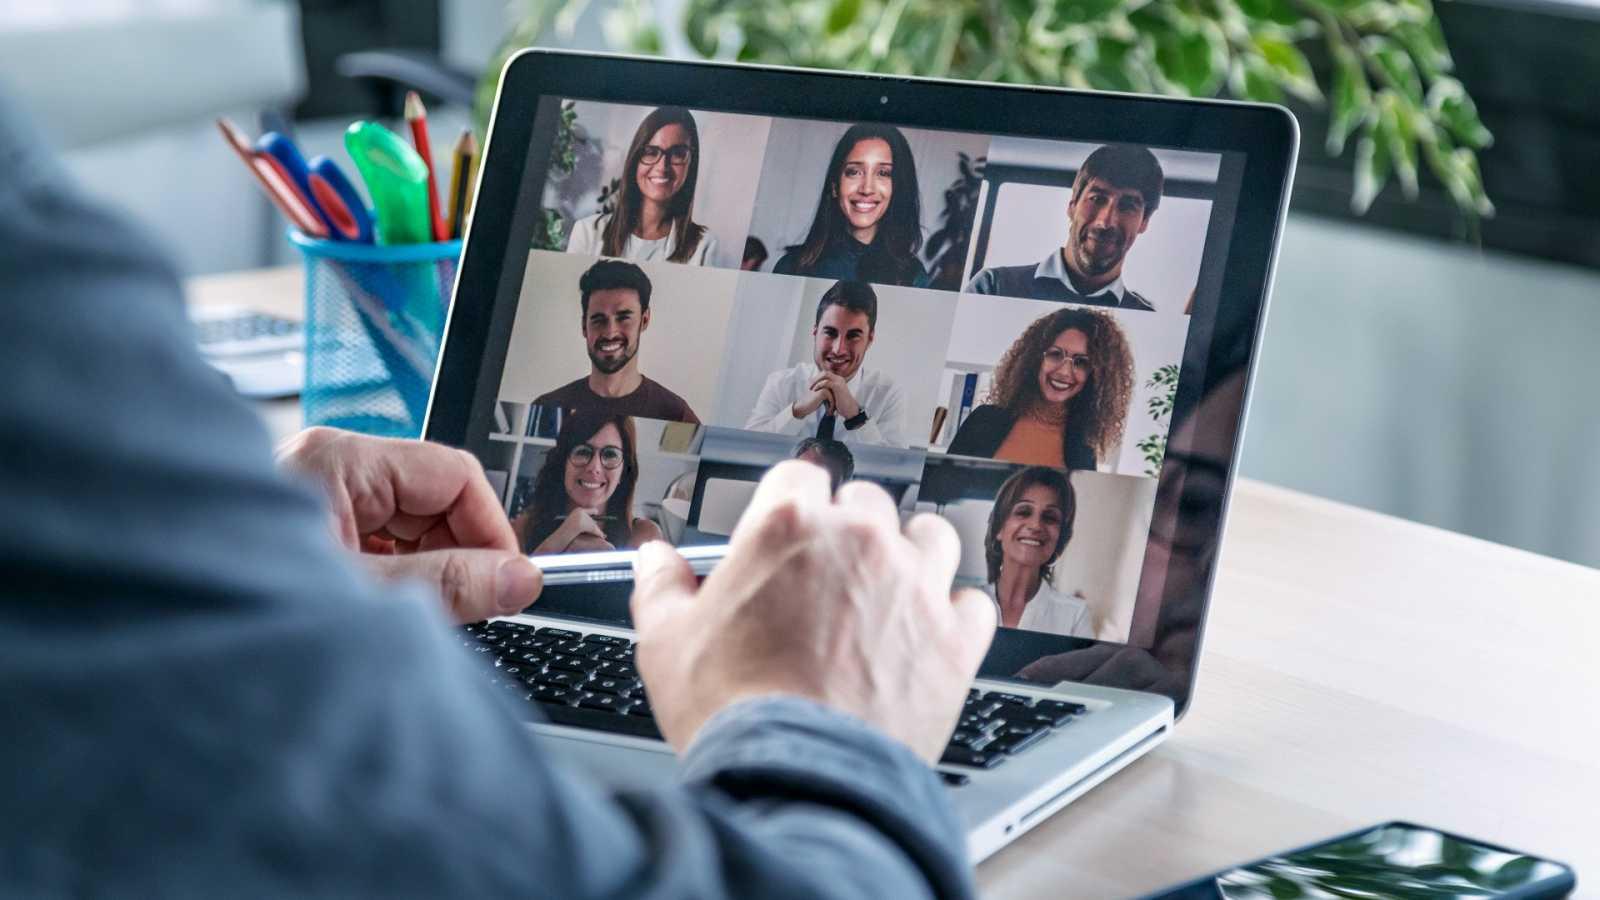 Cuña en la que el jefe de una pyme hace una videollamada a sus empleados para compartir el décimo de Lotería de Navidad